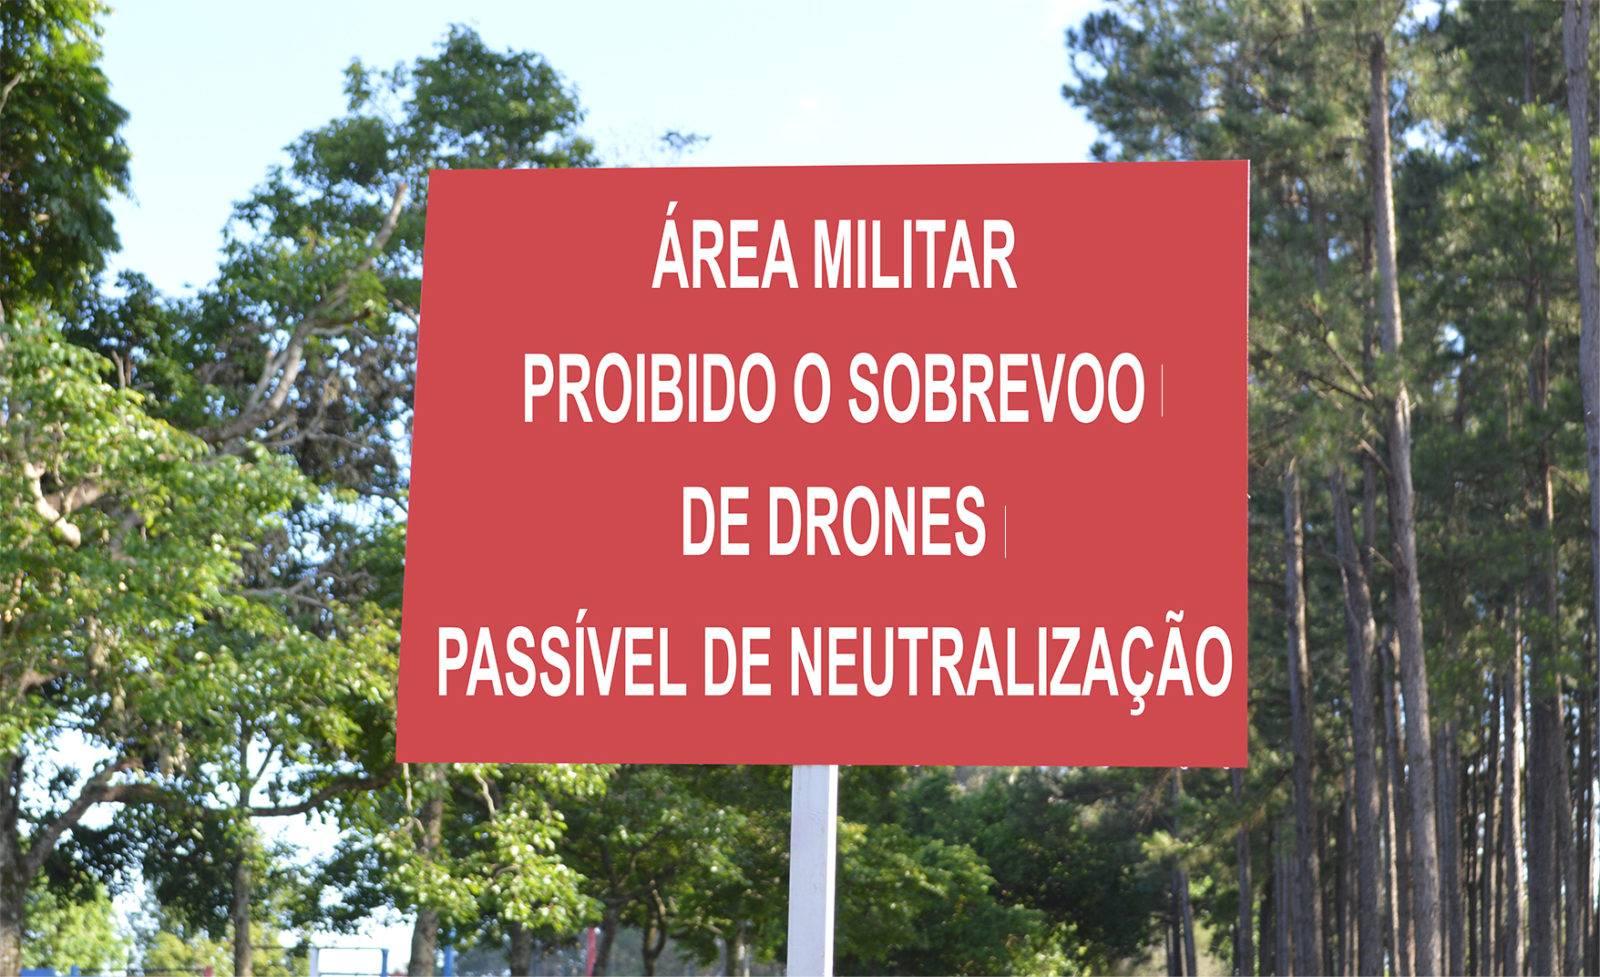 4° RCB alerta que sobrevoar área militar é crime